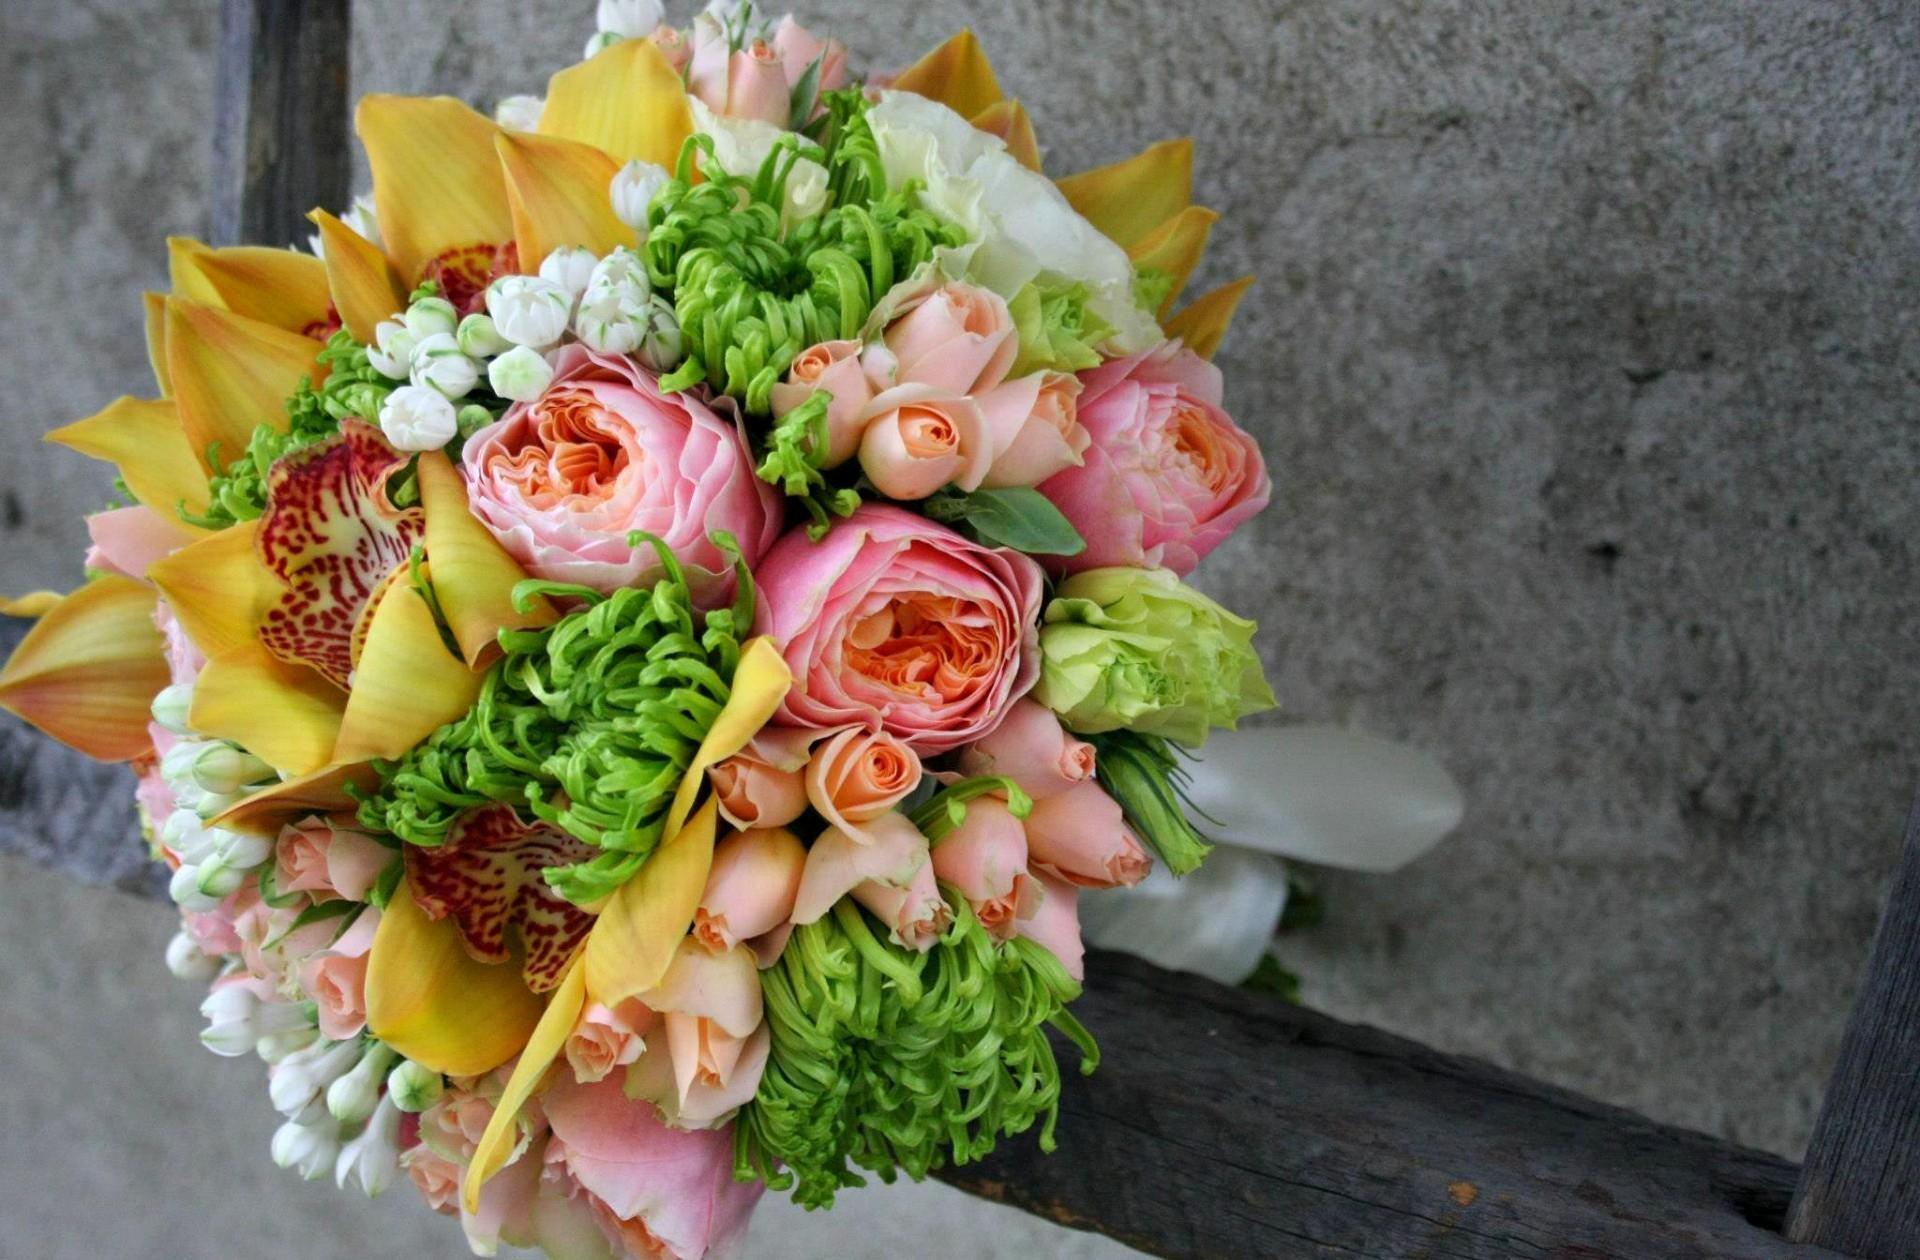 71706 скачать обои Композиция, Розы, Цветы, Букет, Лизиантус Рассела - заставки и картинки бесплатно